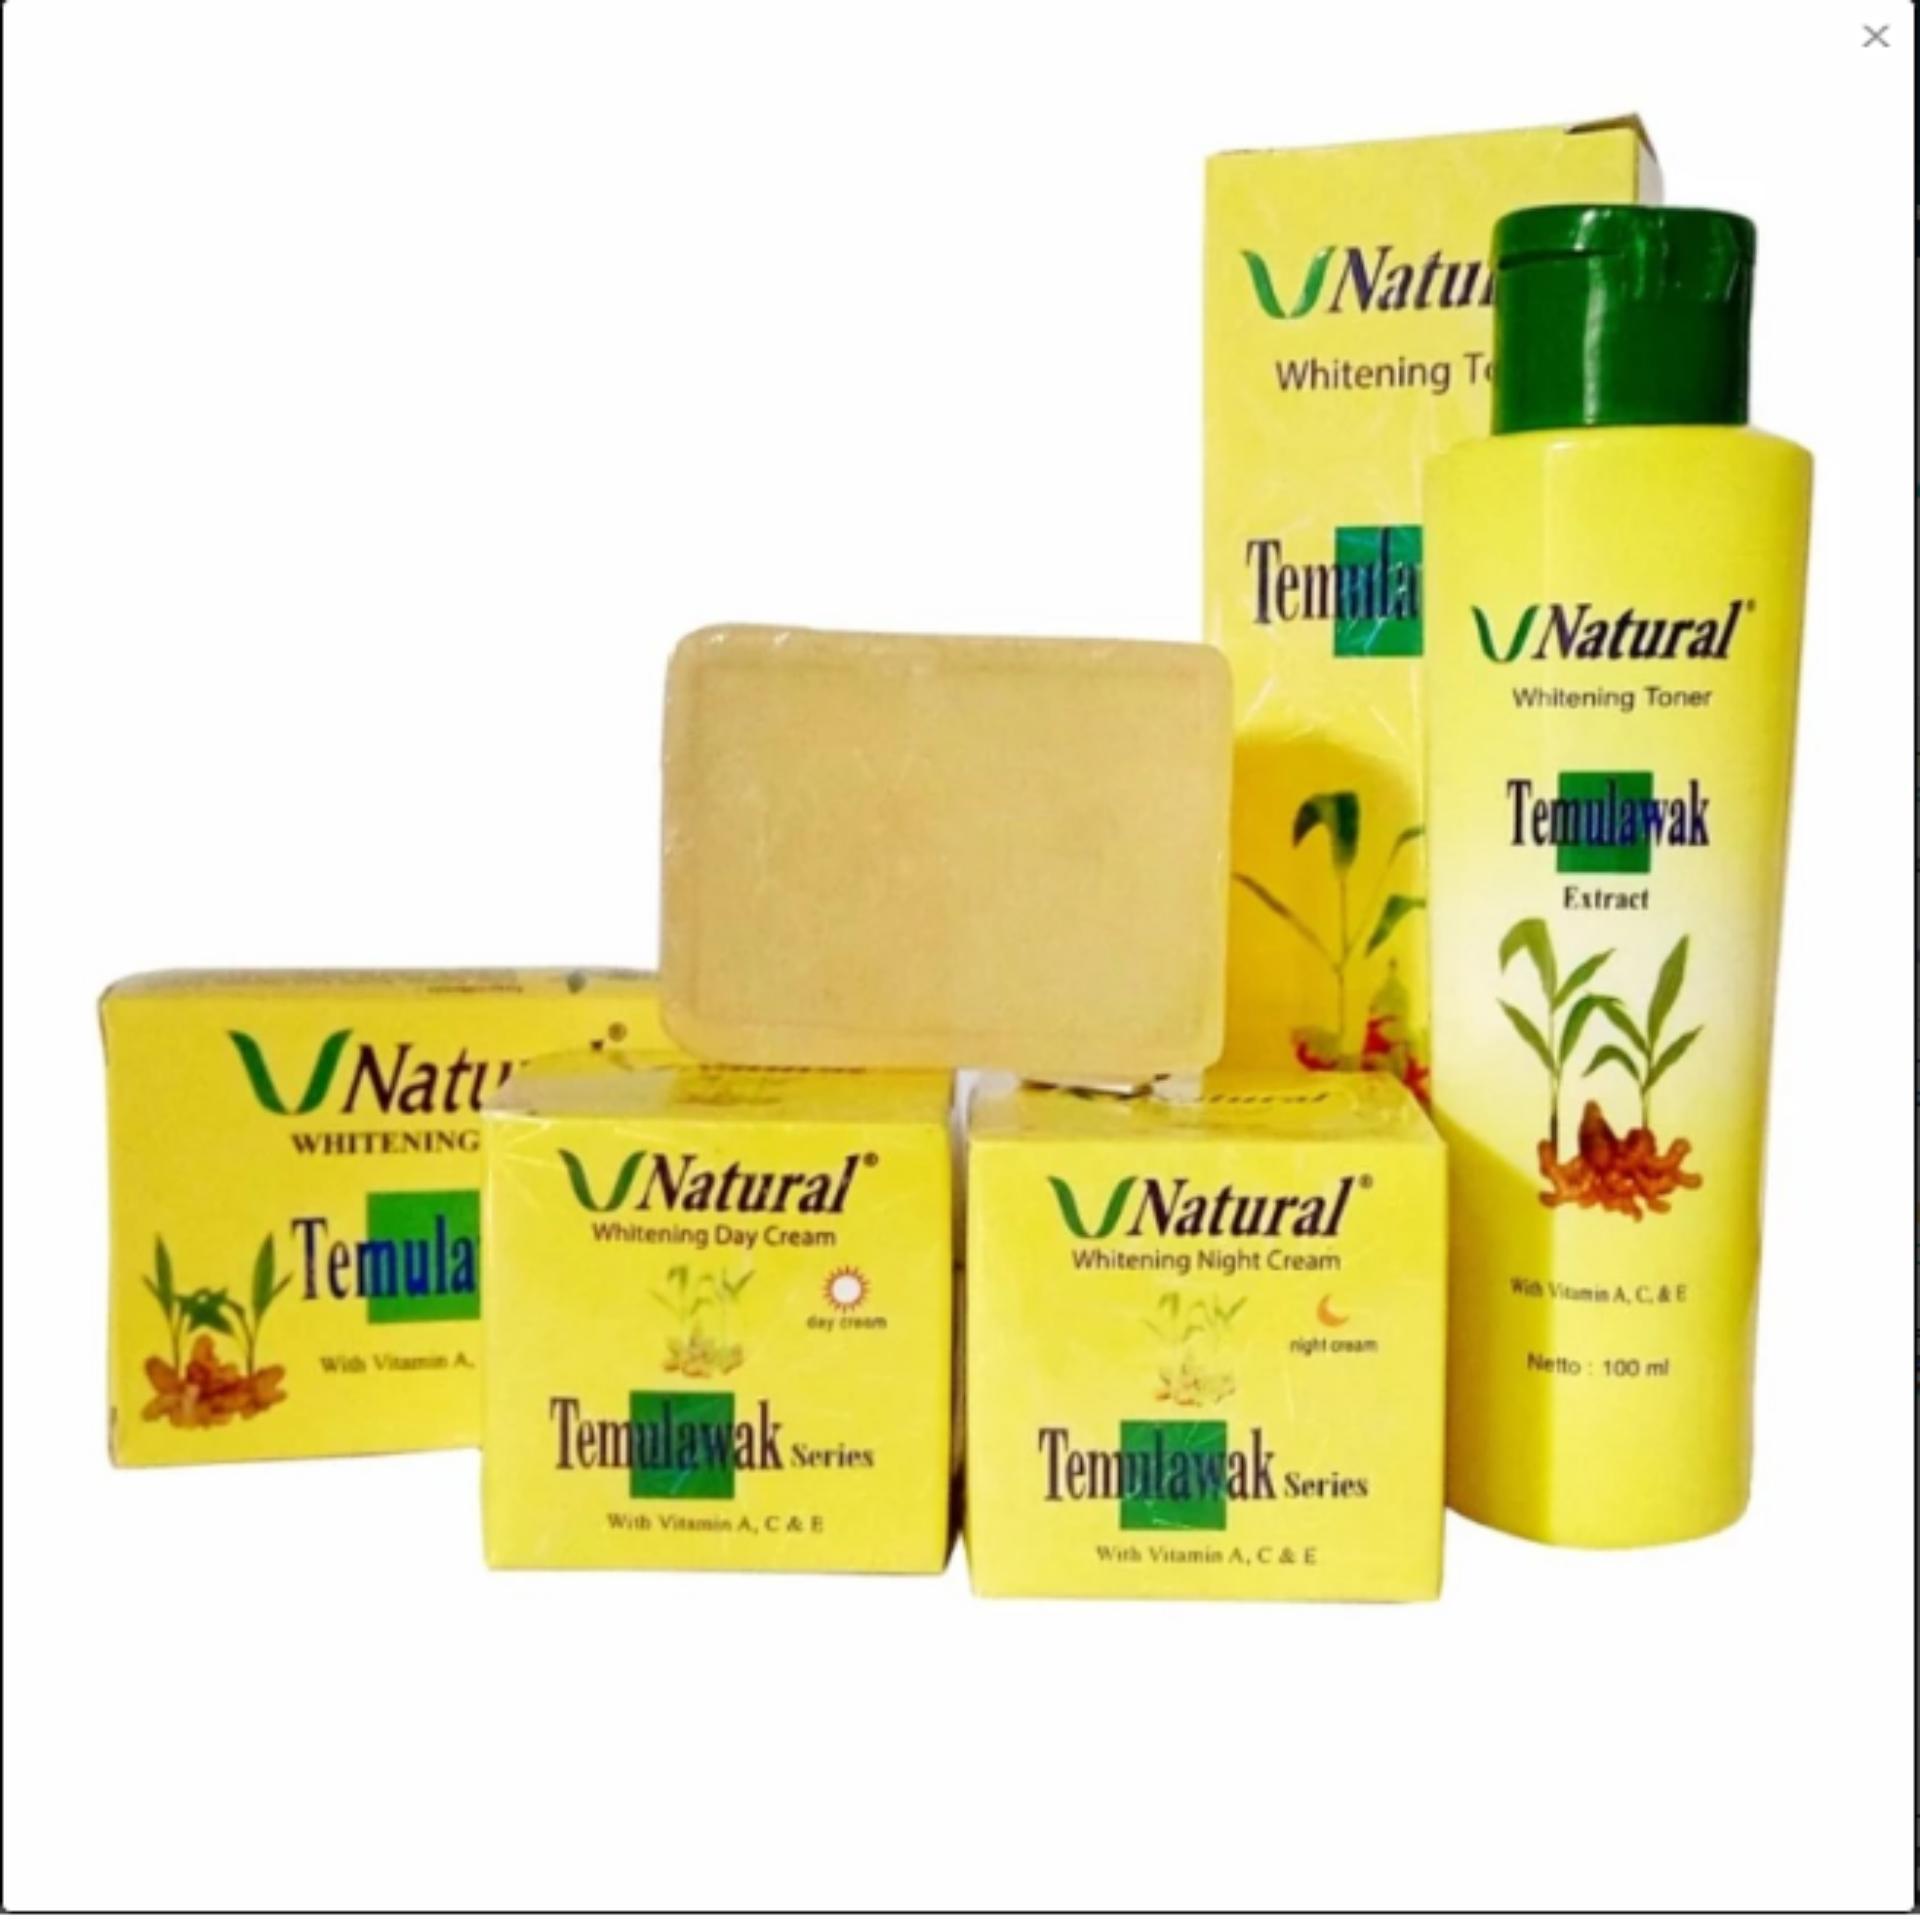 Harga Terendah Paket Cream Temulawak V Natural Bpom Krim Sabun Cheap Online Siang Malam Dan Toner Original